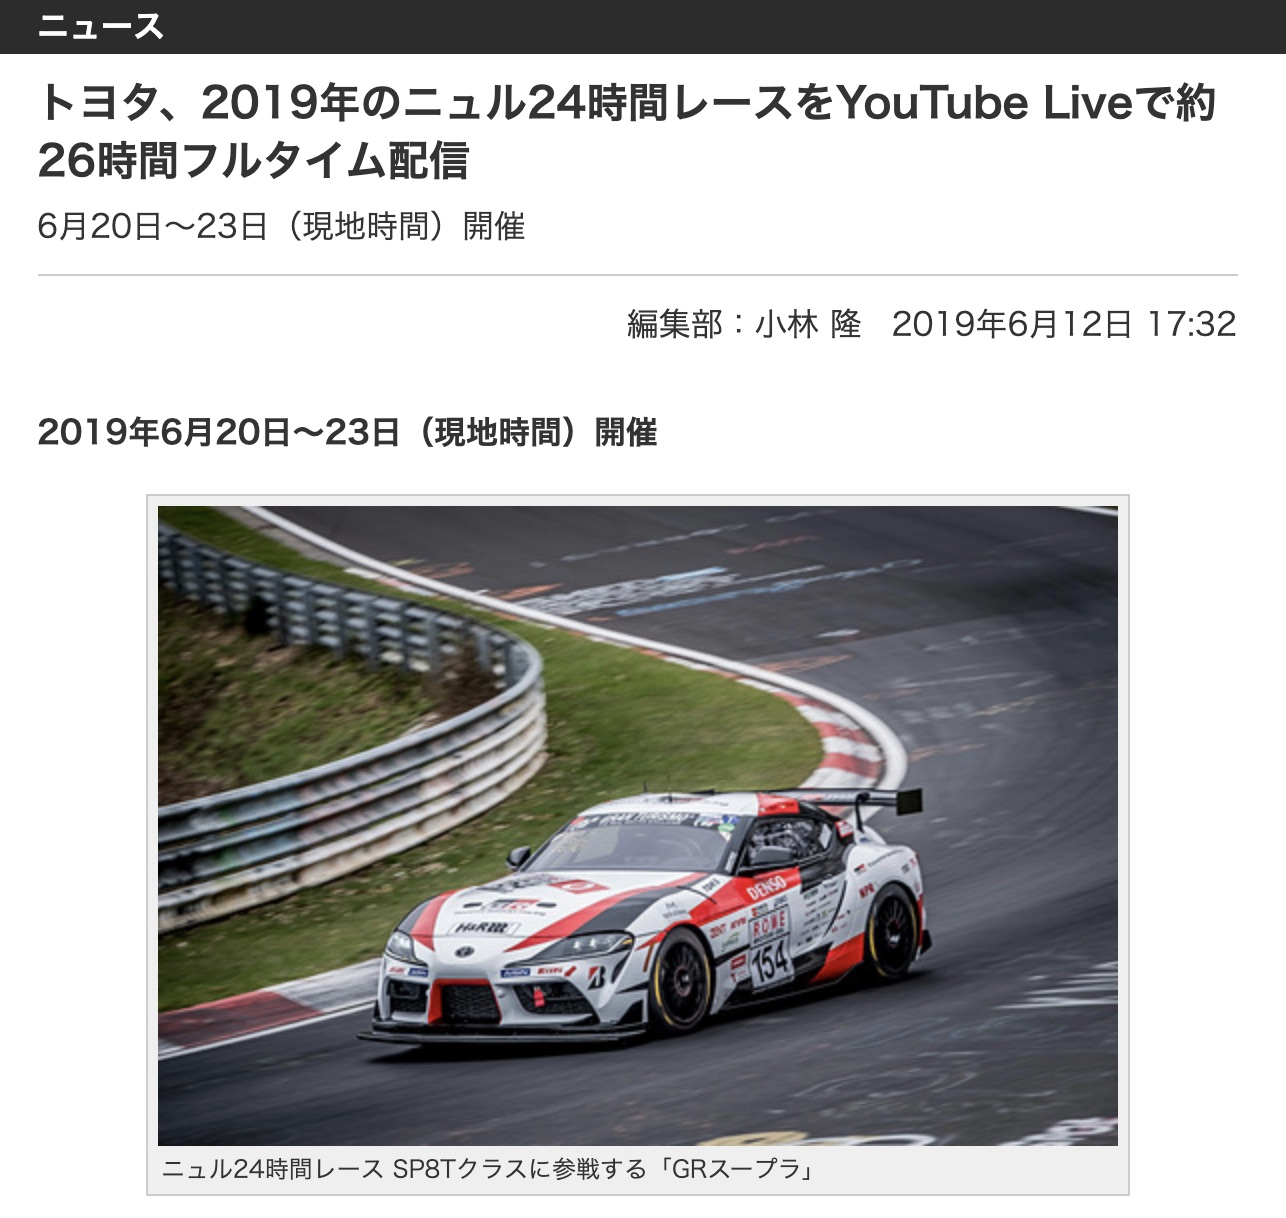 ニュル24時間レースをYouTube Liveで約26時間フルタイム配信